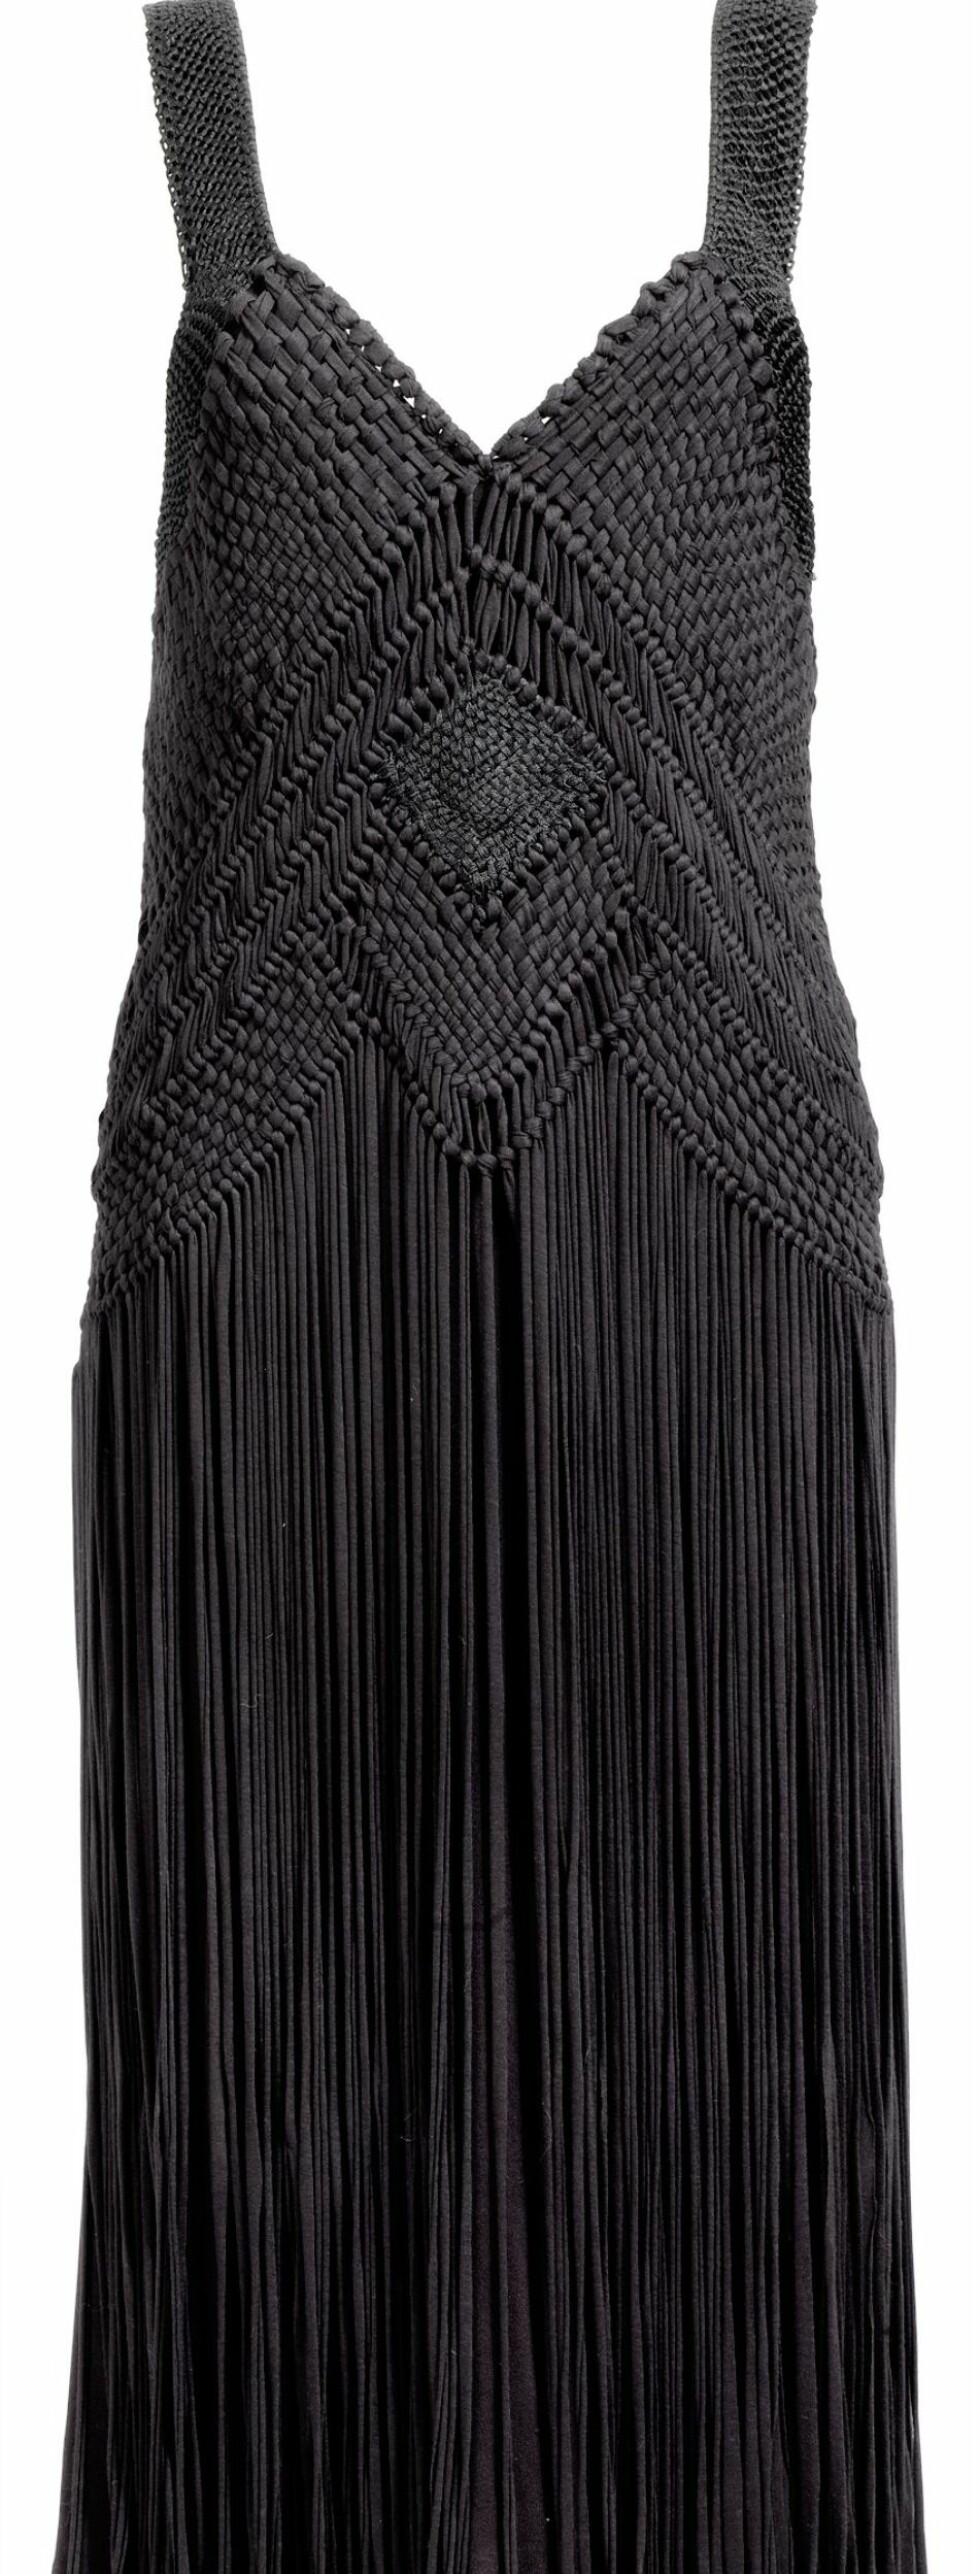 Kjole med vevd overdel og frynser i skjørtet. Prisen er ikke fastsatt.  Foto: Produsenten